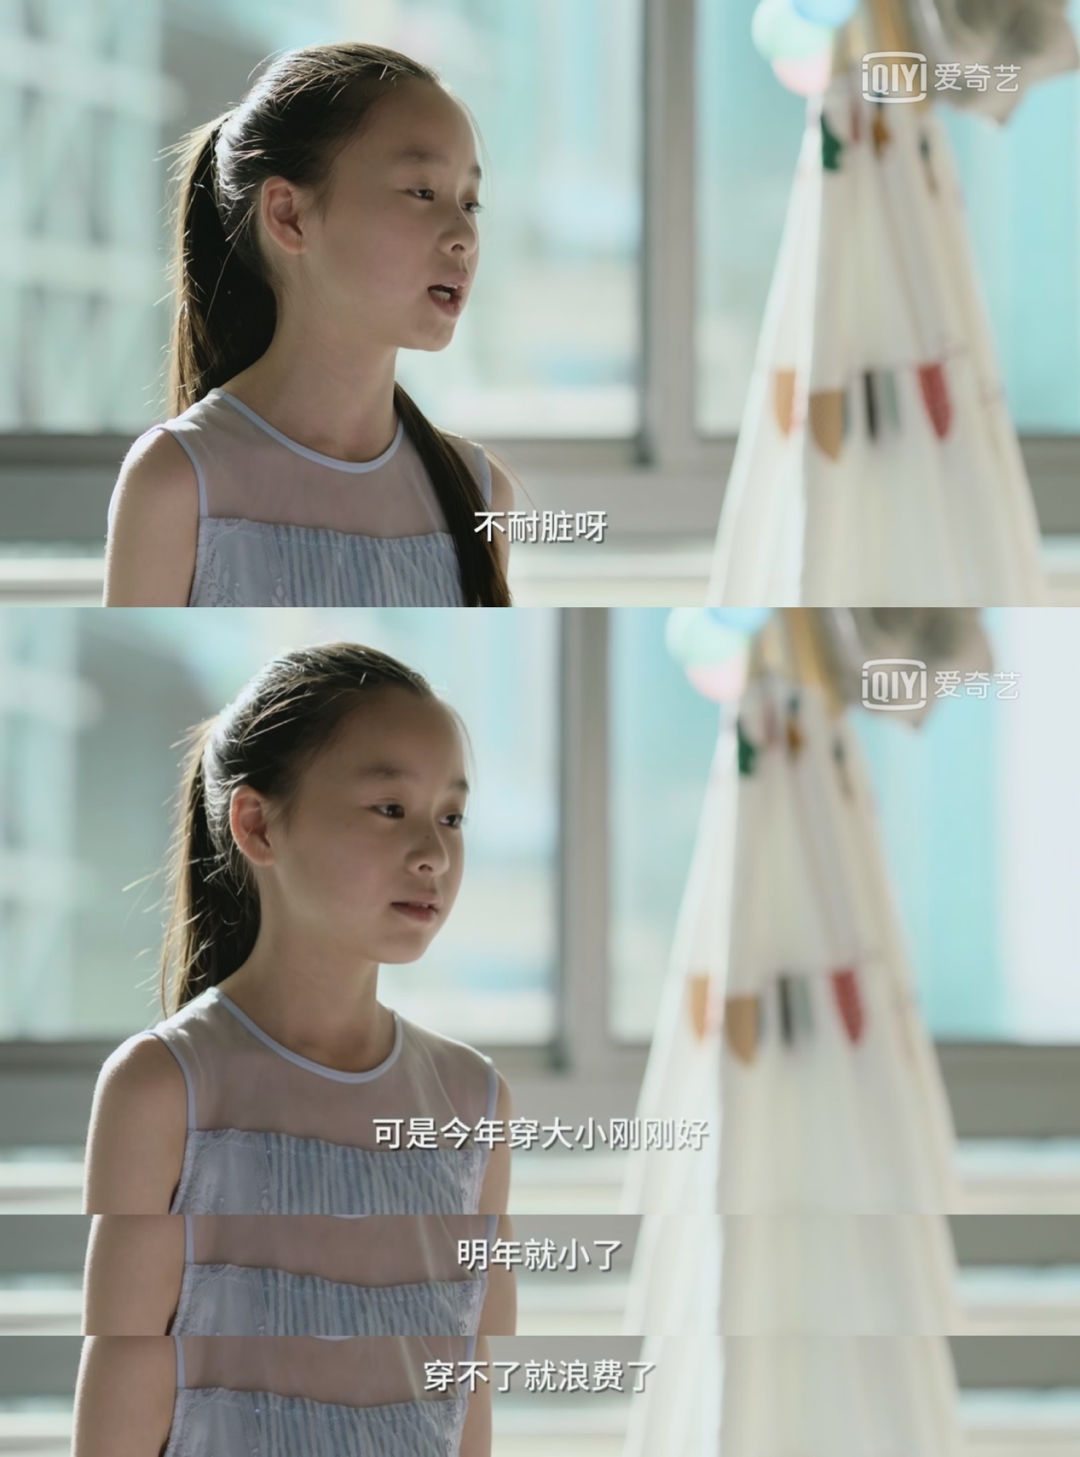 家长注意!李玫瑾教授直言:家庭有这3种迹象,说明你正害惨孩子